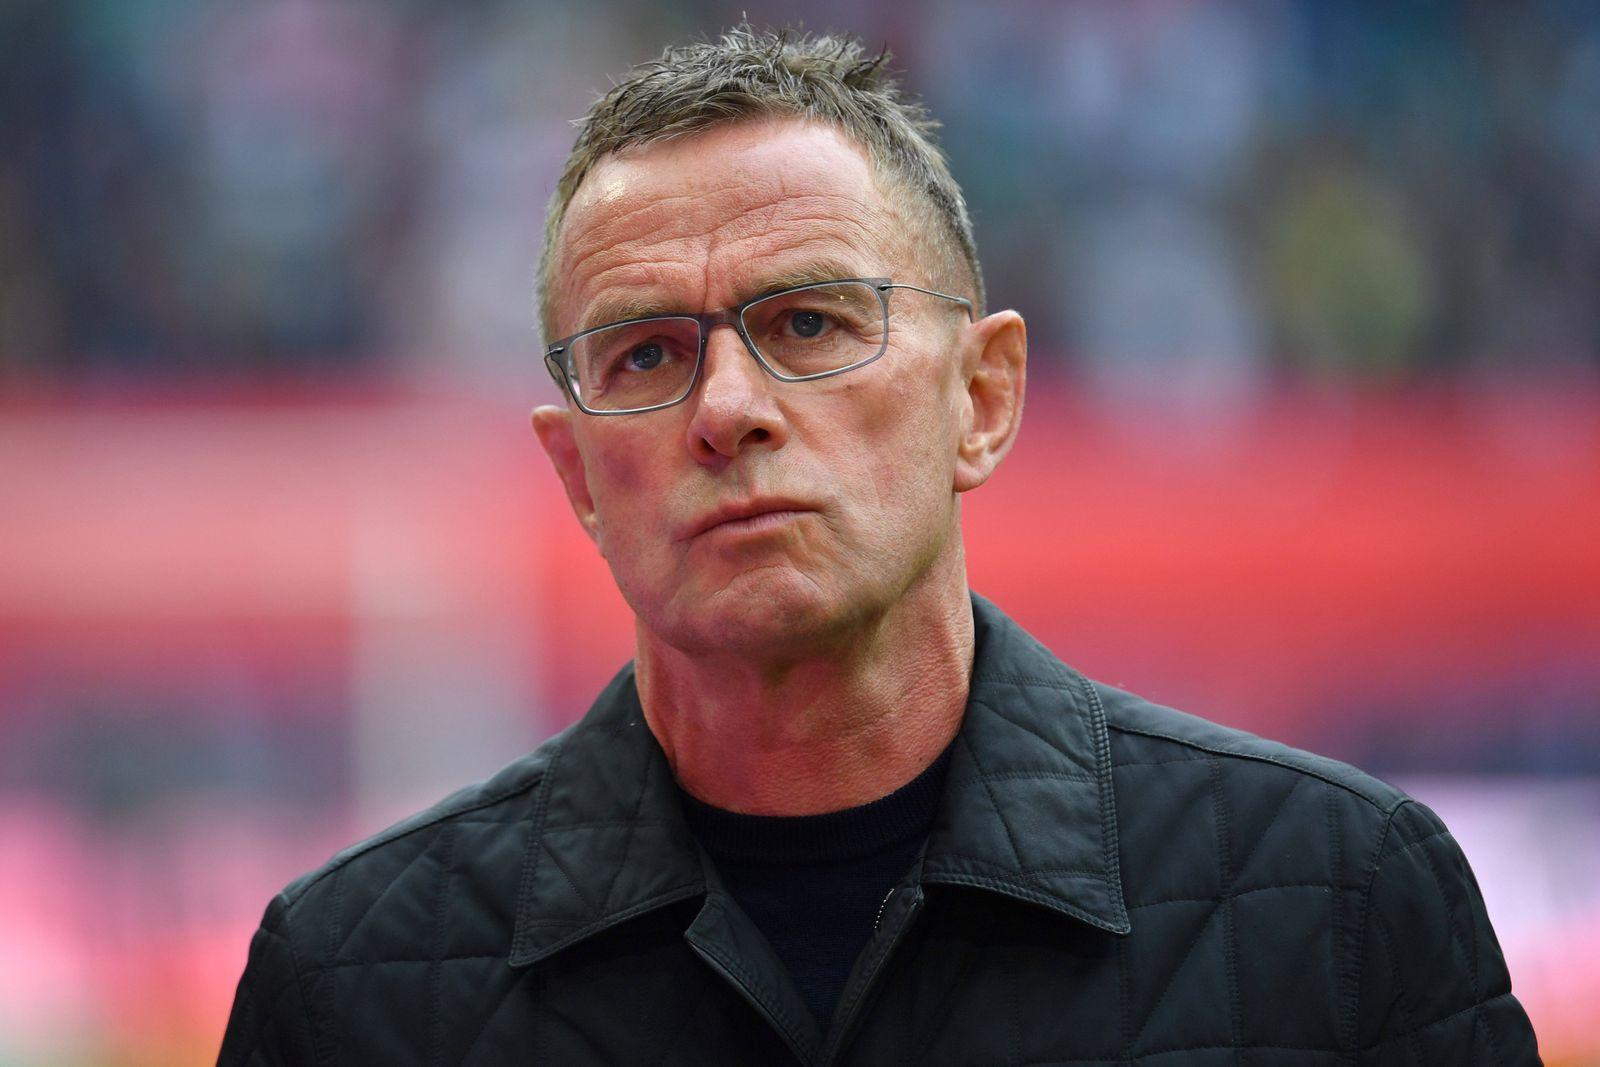 Bericht: Rangnick vor Rueckkehr zu Schalke. Archivfoto:Ralf RANGNICK (Trainer L), Einzelbild,angeschnittenes Einzelmotiv